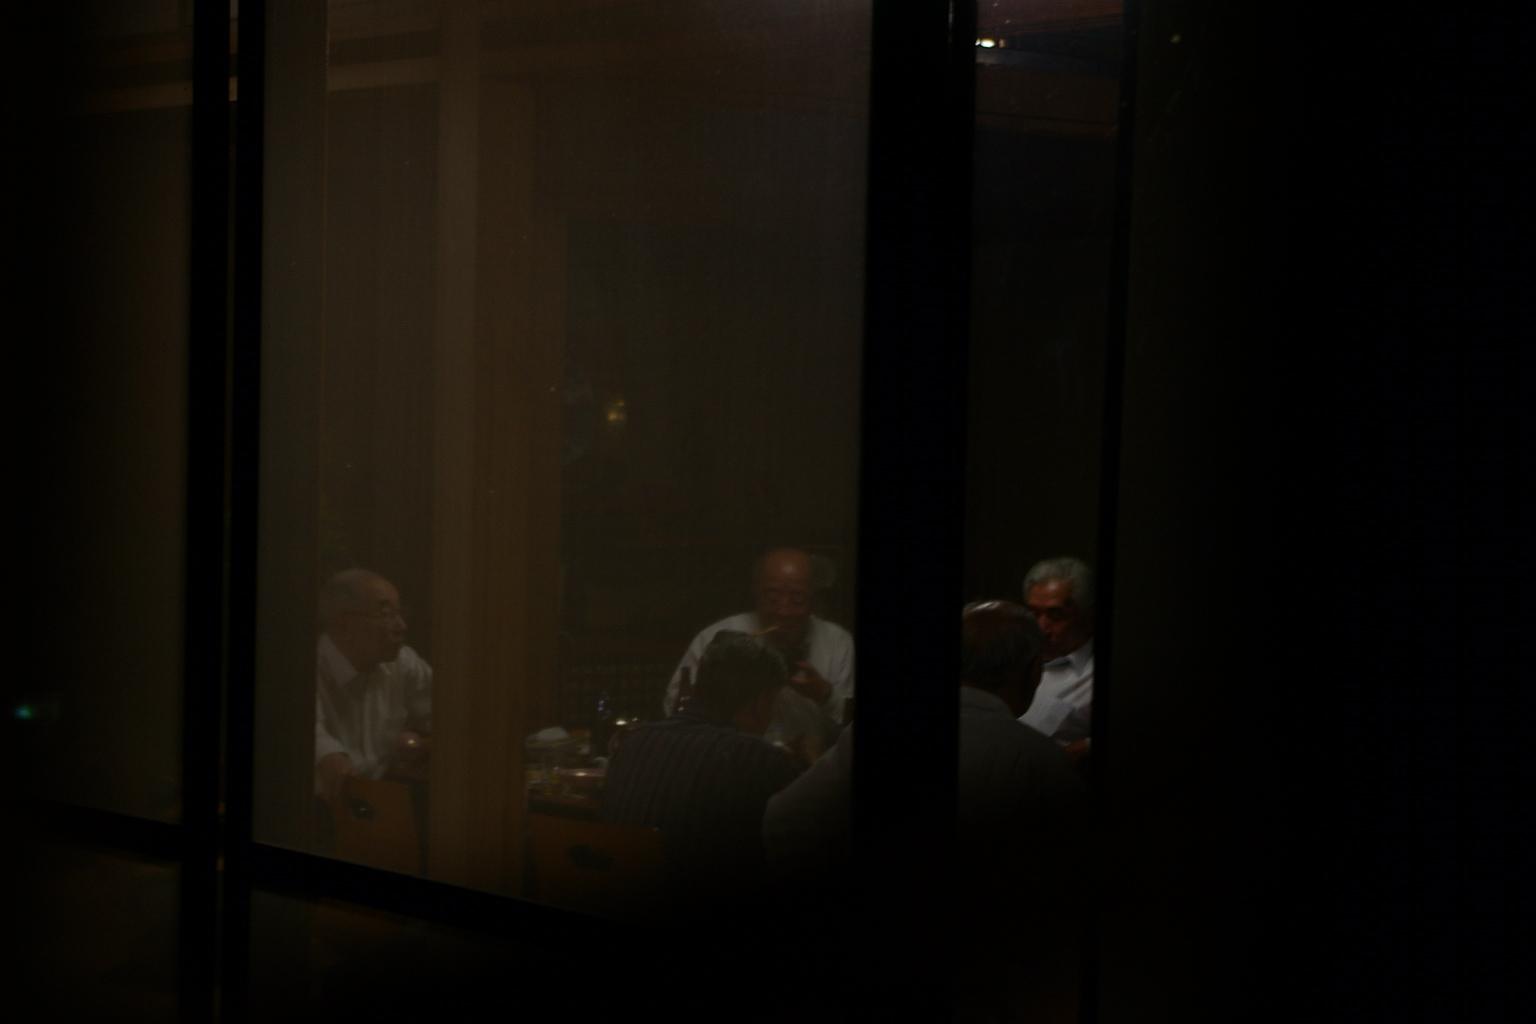 湧水の里での一泊-越前大野・阿さひ旅館_a0385880_21541254.jpg